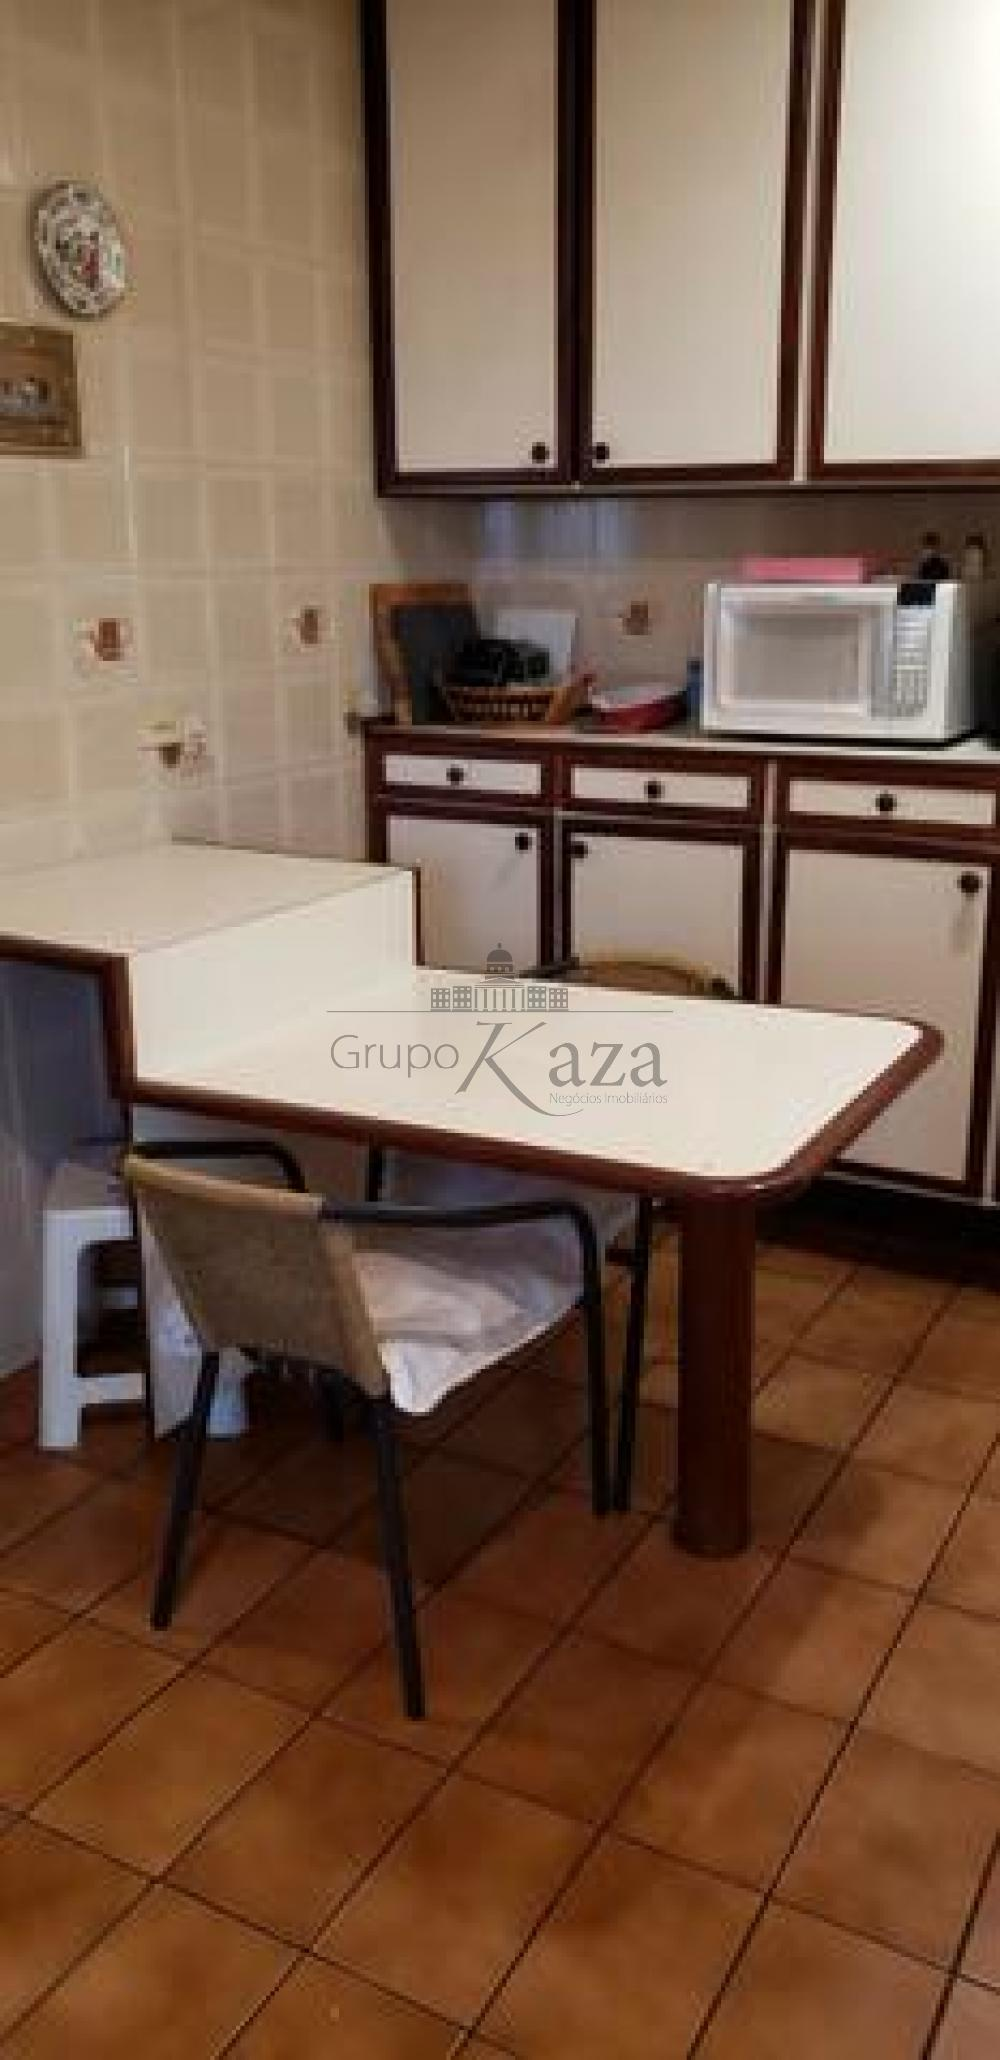 alt='Comprar Apartamento / Padrão em São José dos Campos R$ 530.000,00 - Foto 2' title='Comprar Apartamento / Padrão em São José dos Campos R$ 530.000,00 - Foto 2'